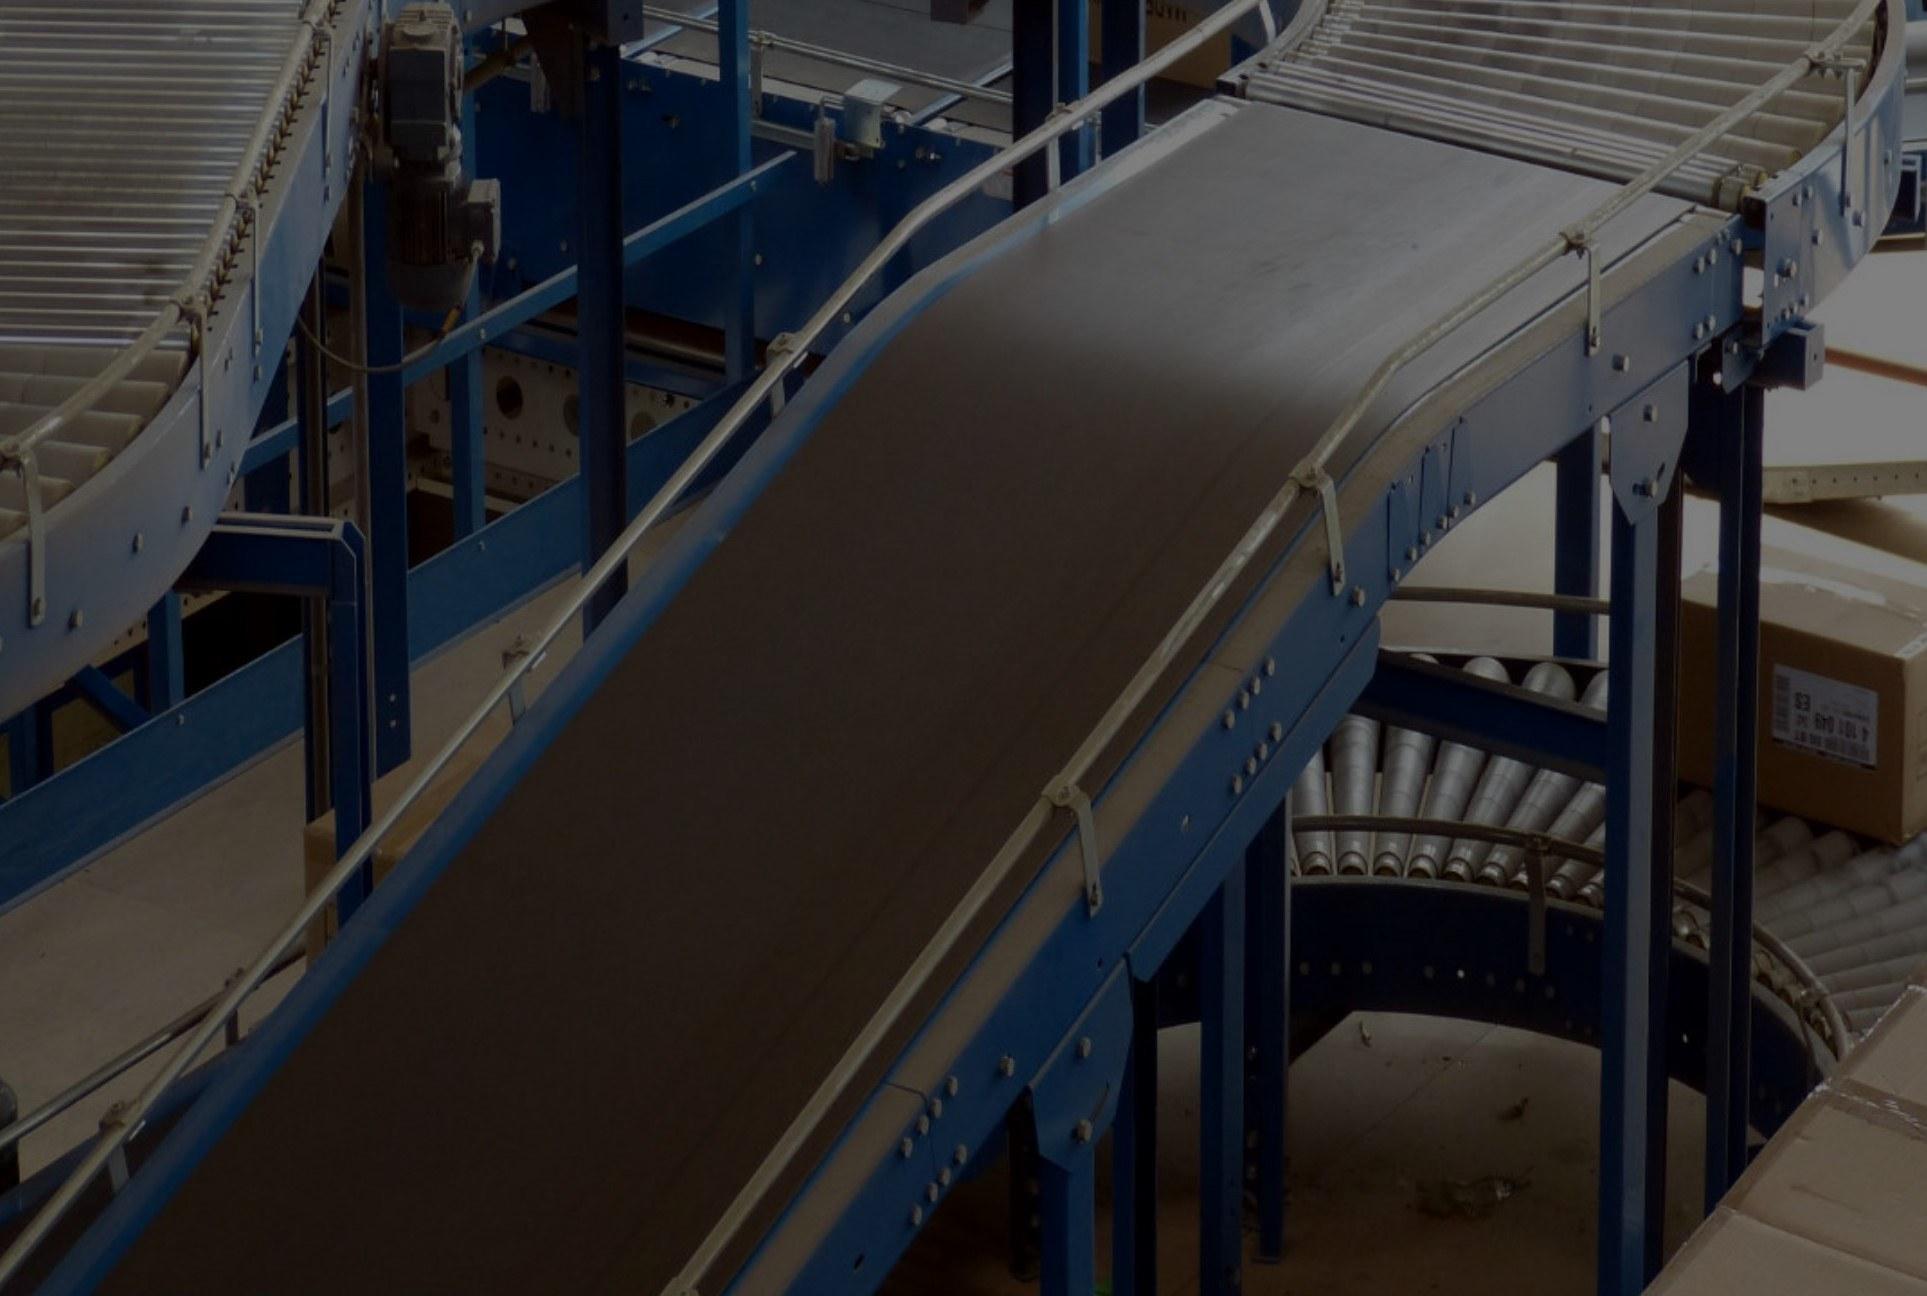 Belted Conveyor System